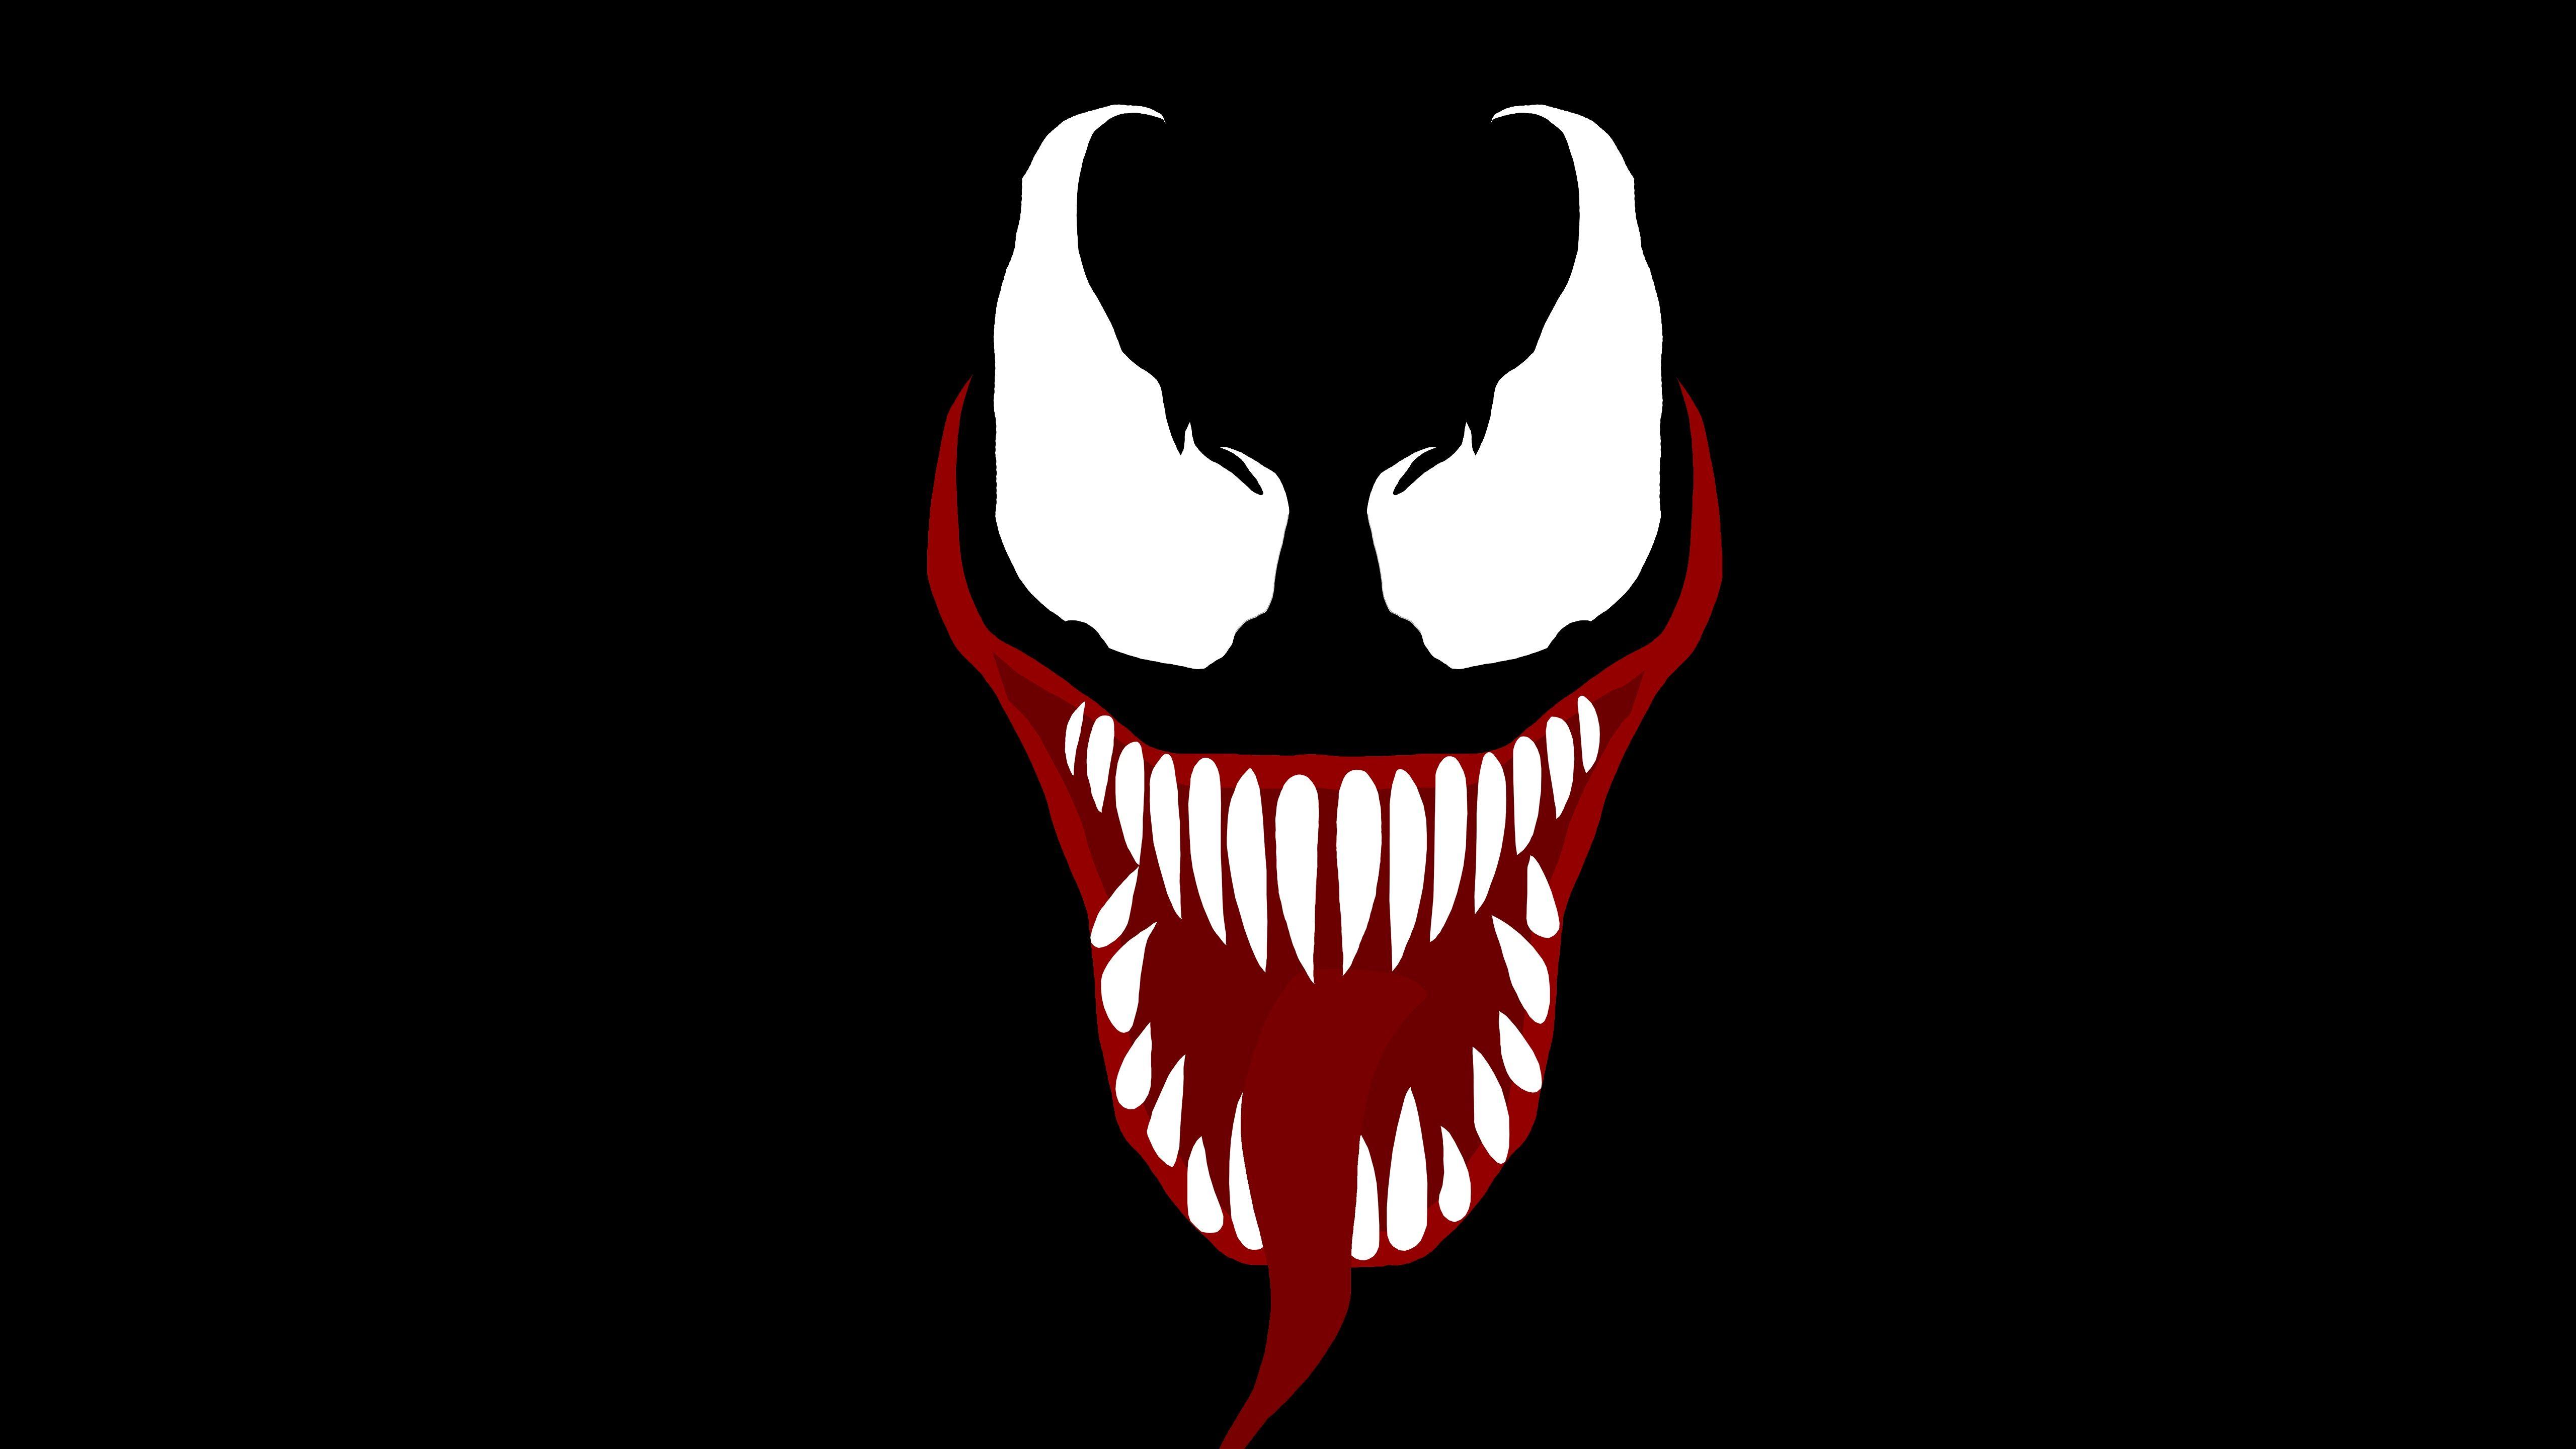 Wallpaper Hd 4k Venom Ideas